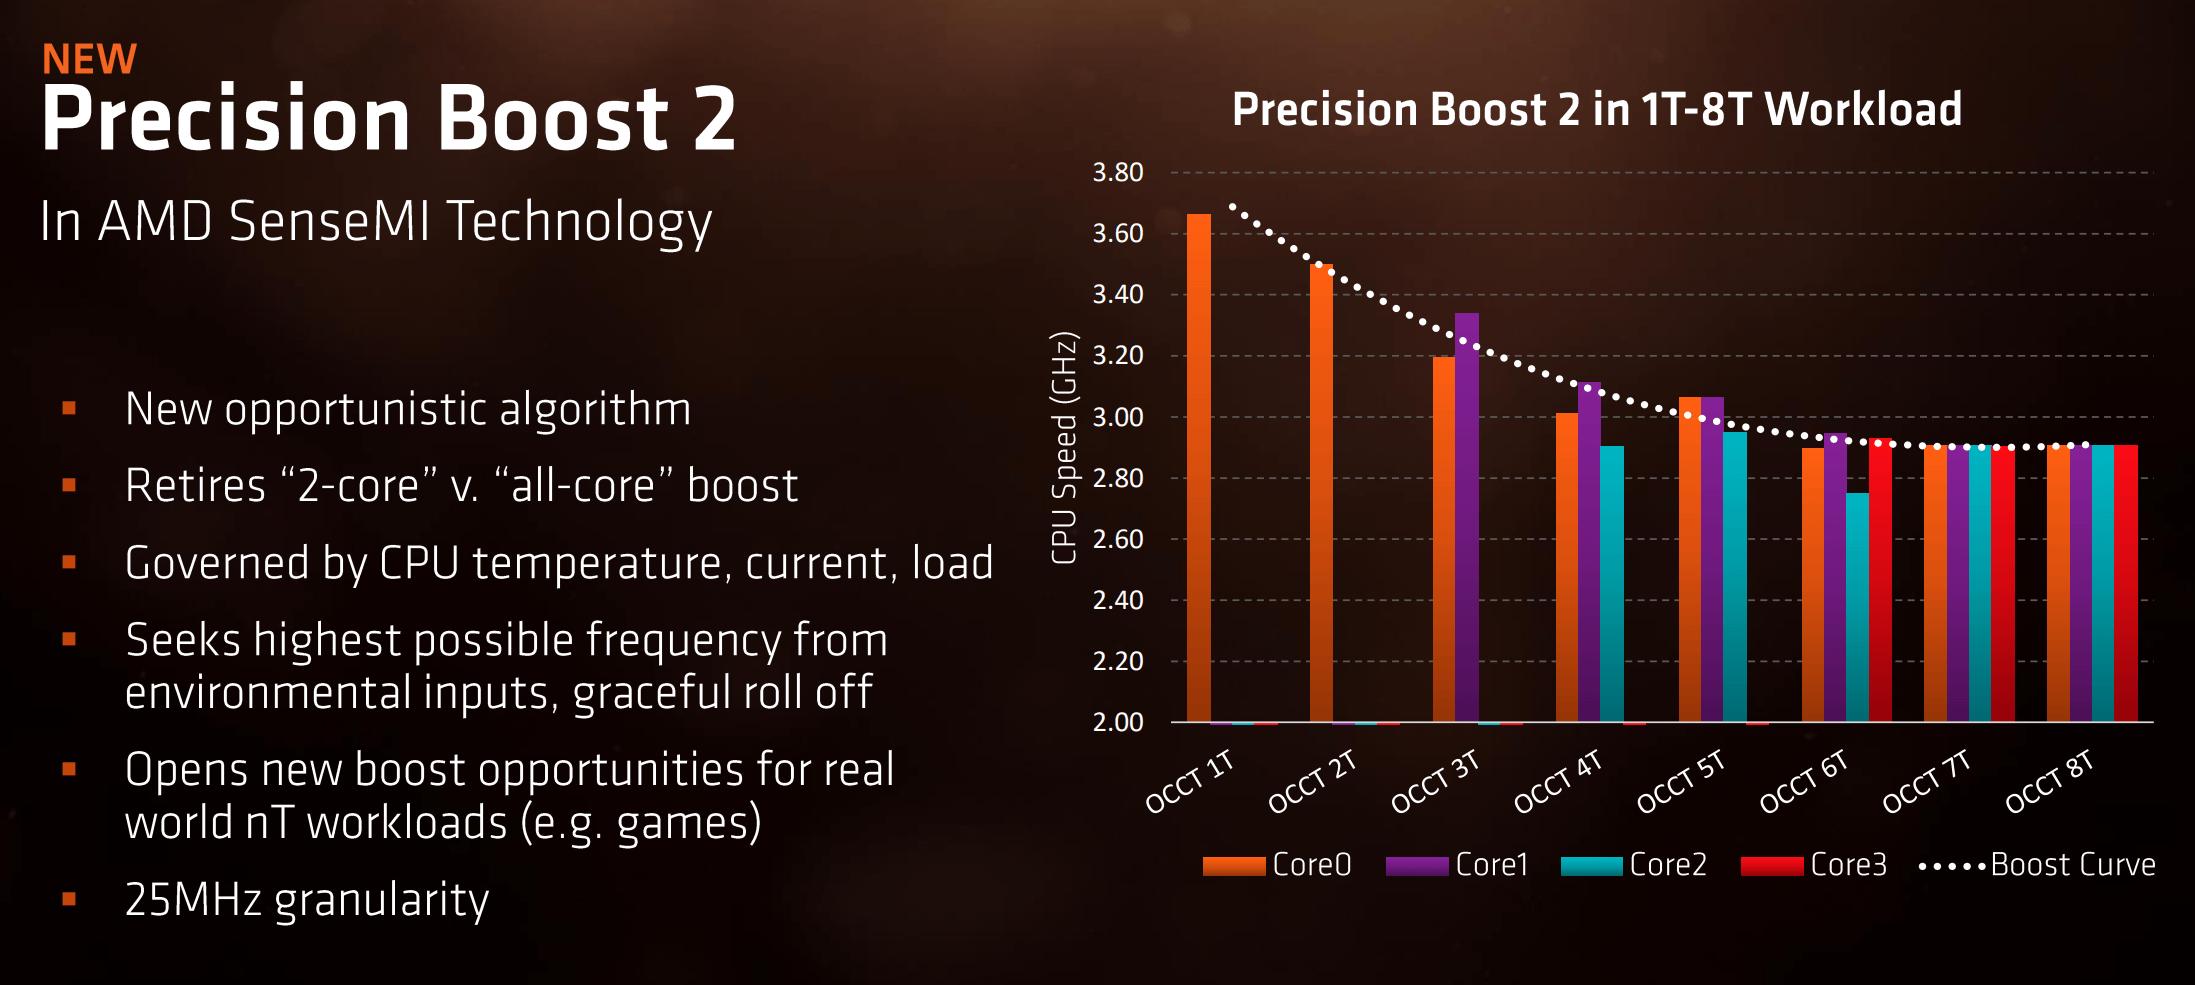 prec_boost2_2